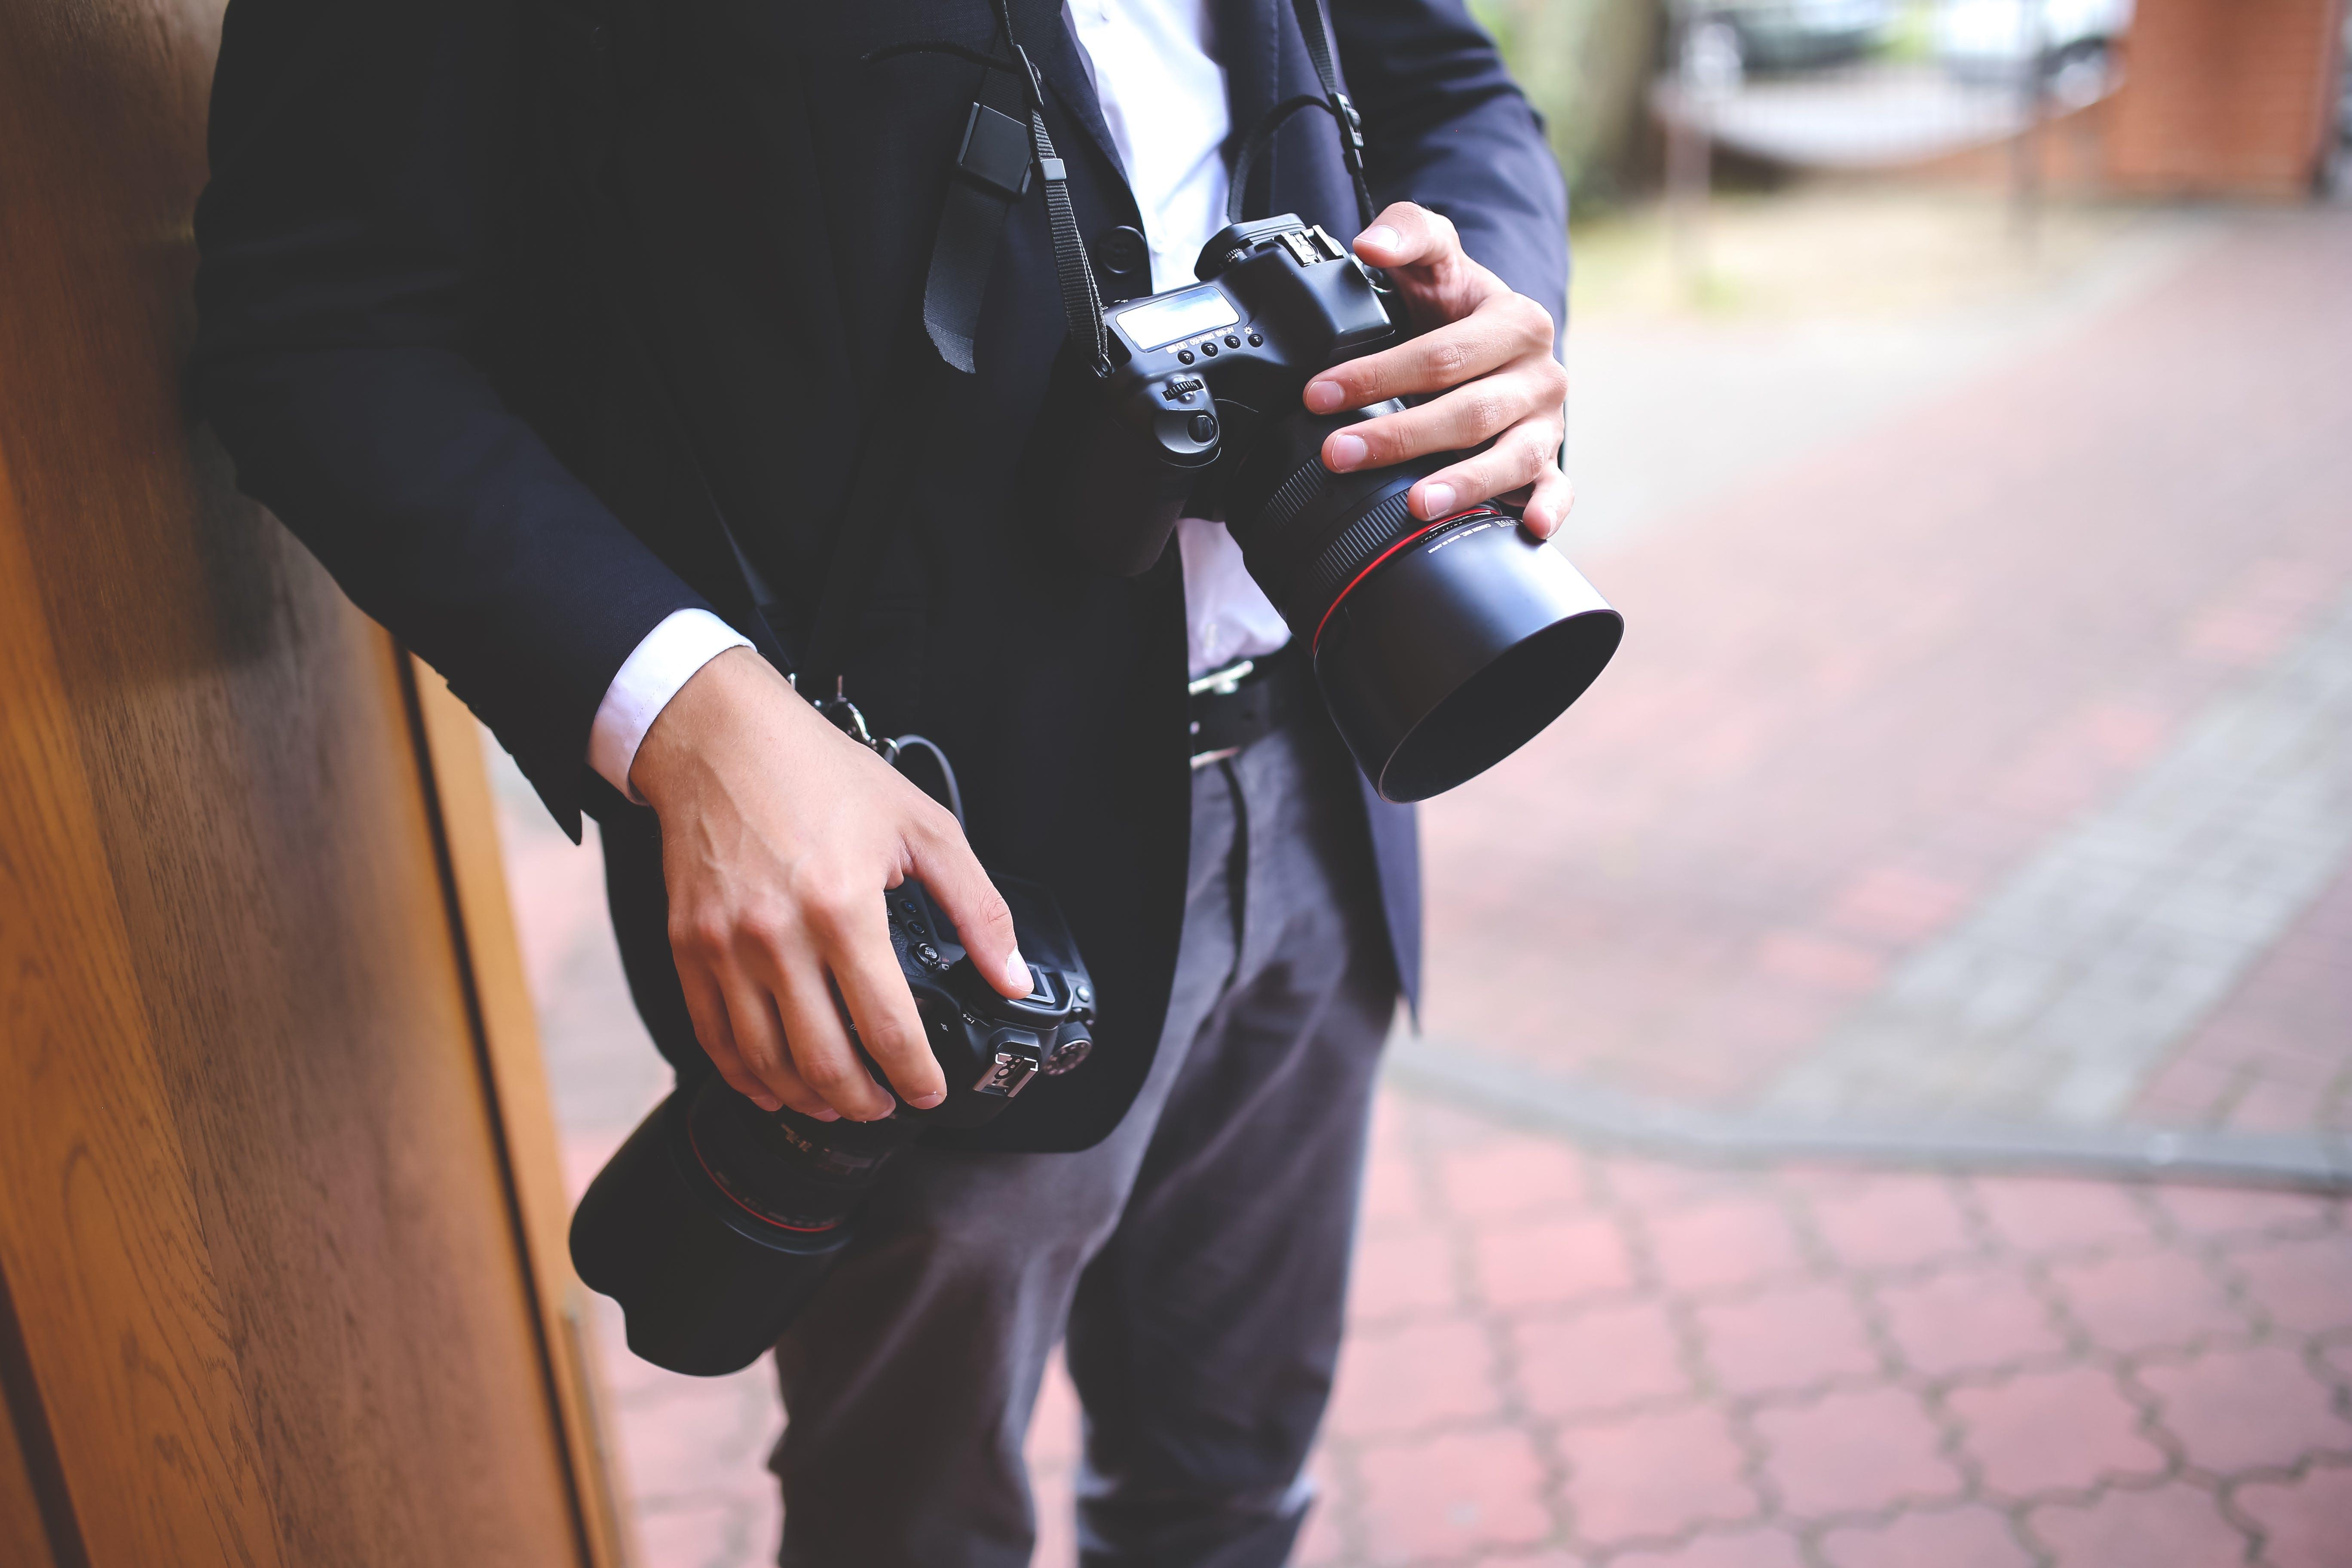 Ilmainen kuvapankkikuva tunnisteilla dslr, kädet, kamera, kamerat